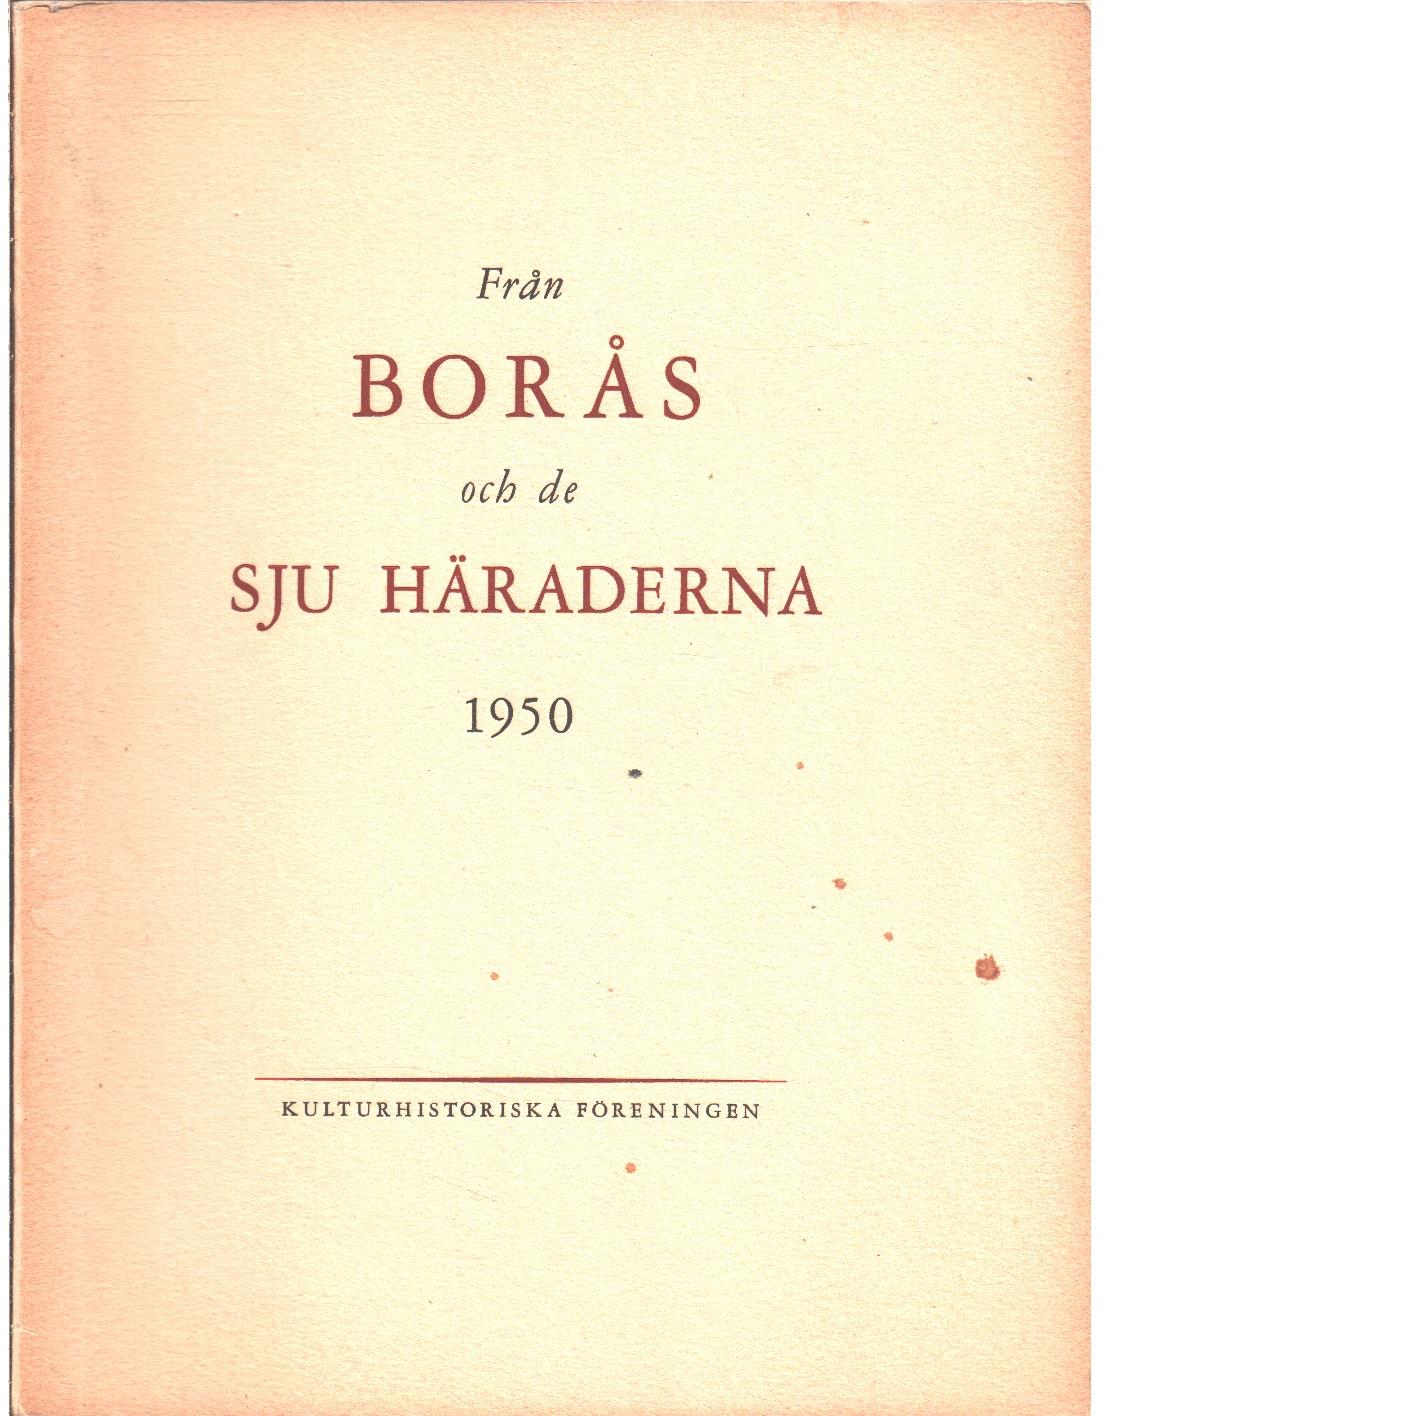 Från Borås och de sju häraderna. 1950 - Red. De sju häradernas kulturhistoriska förening